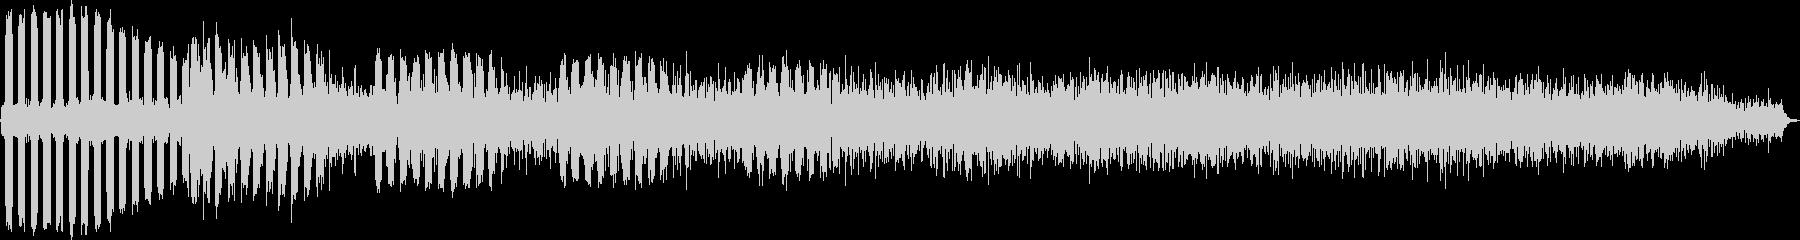 AMGアナログFX 28の未再生の波形